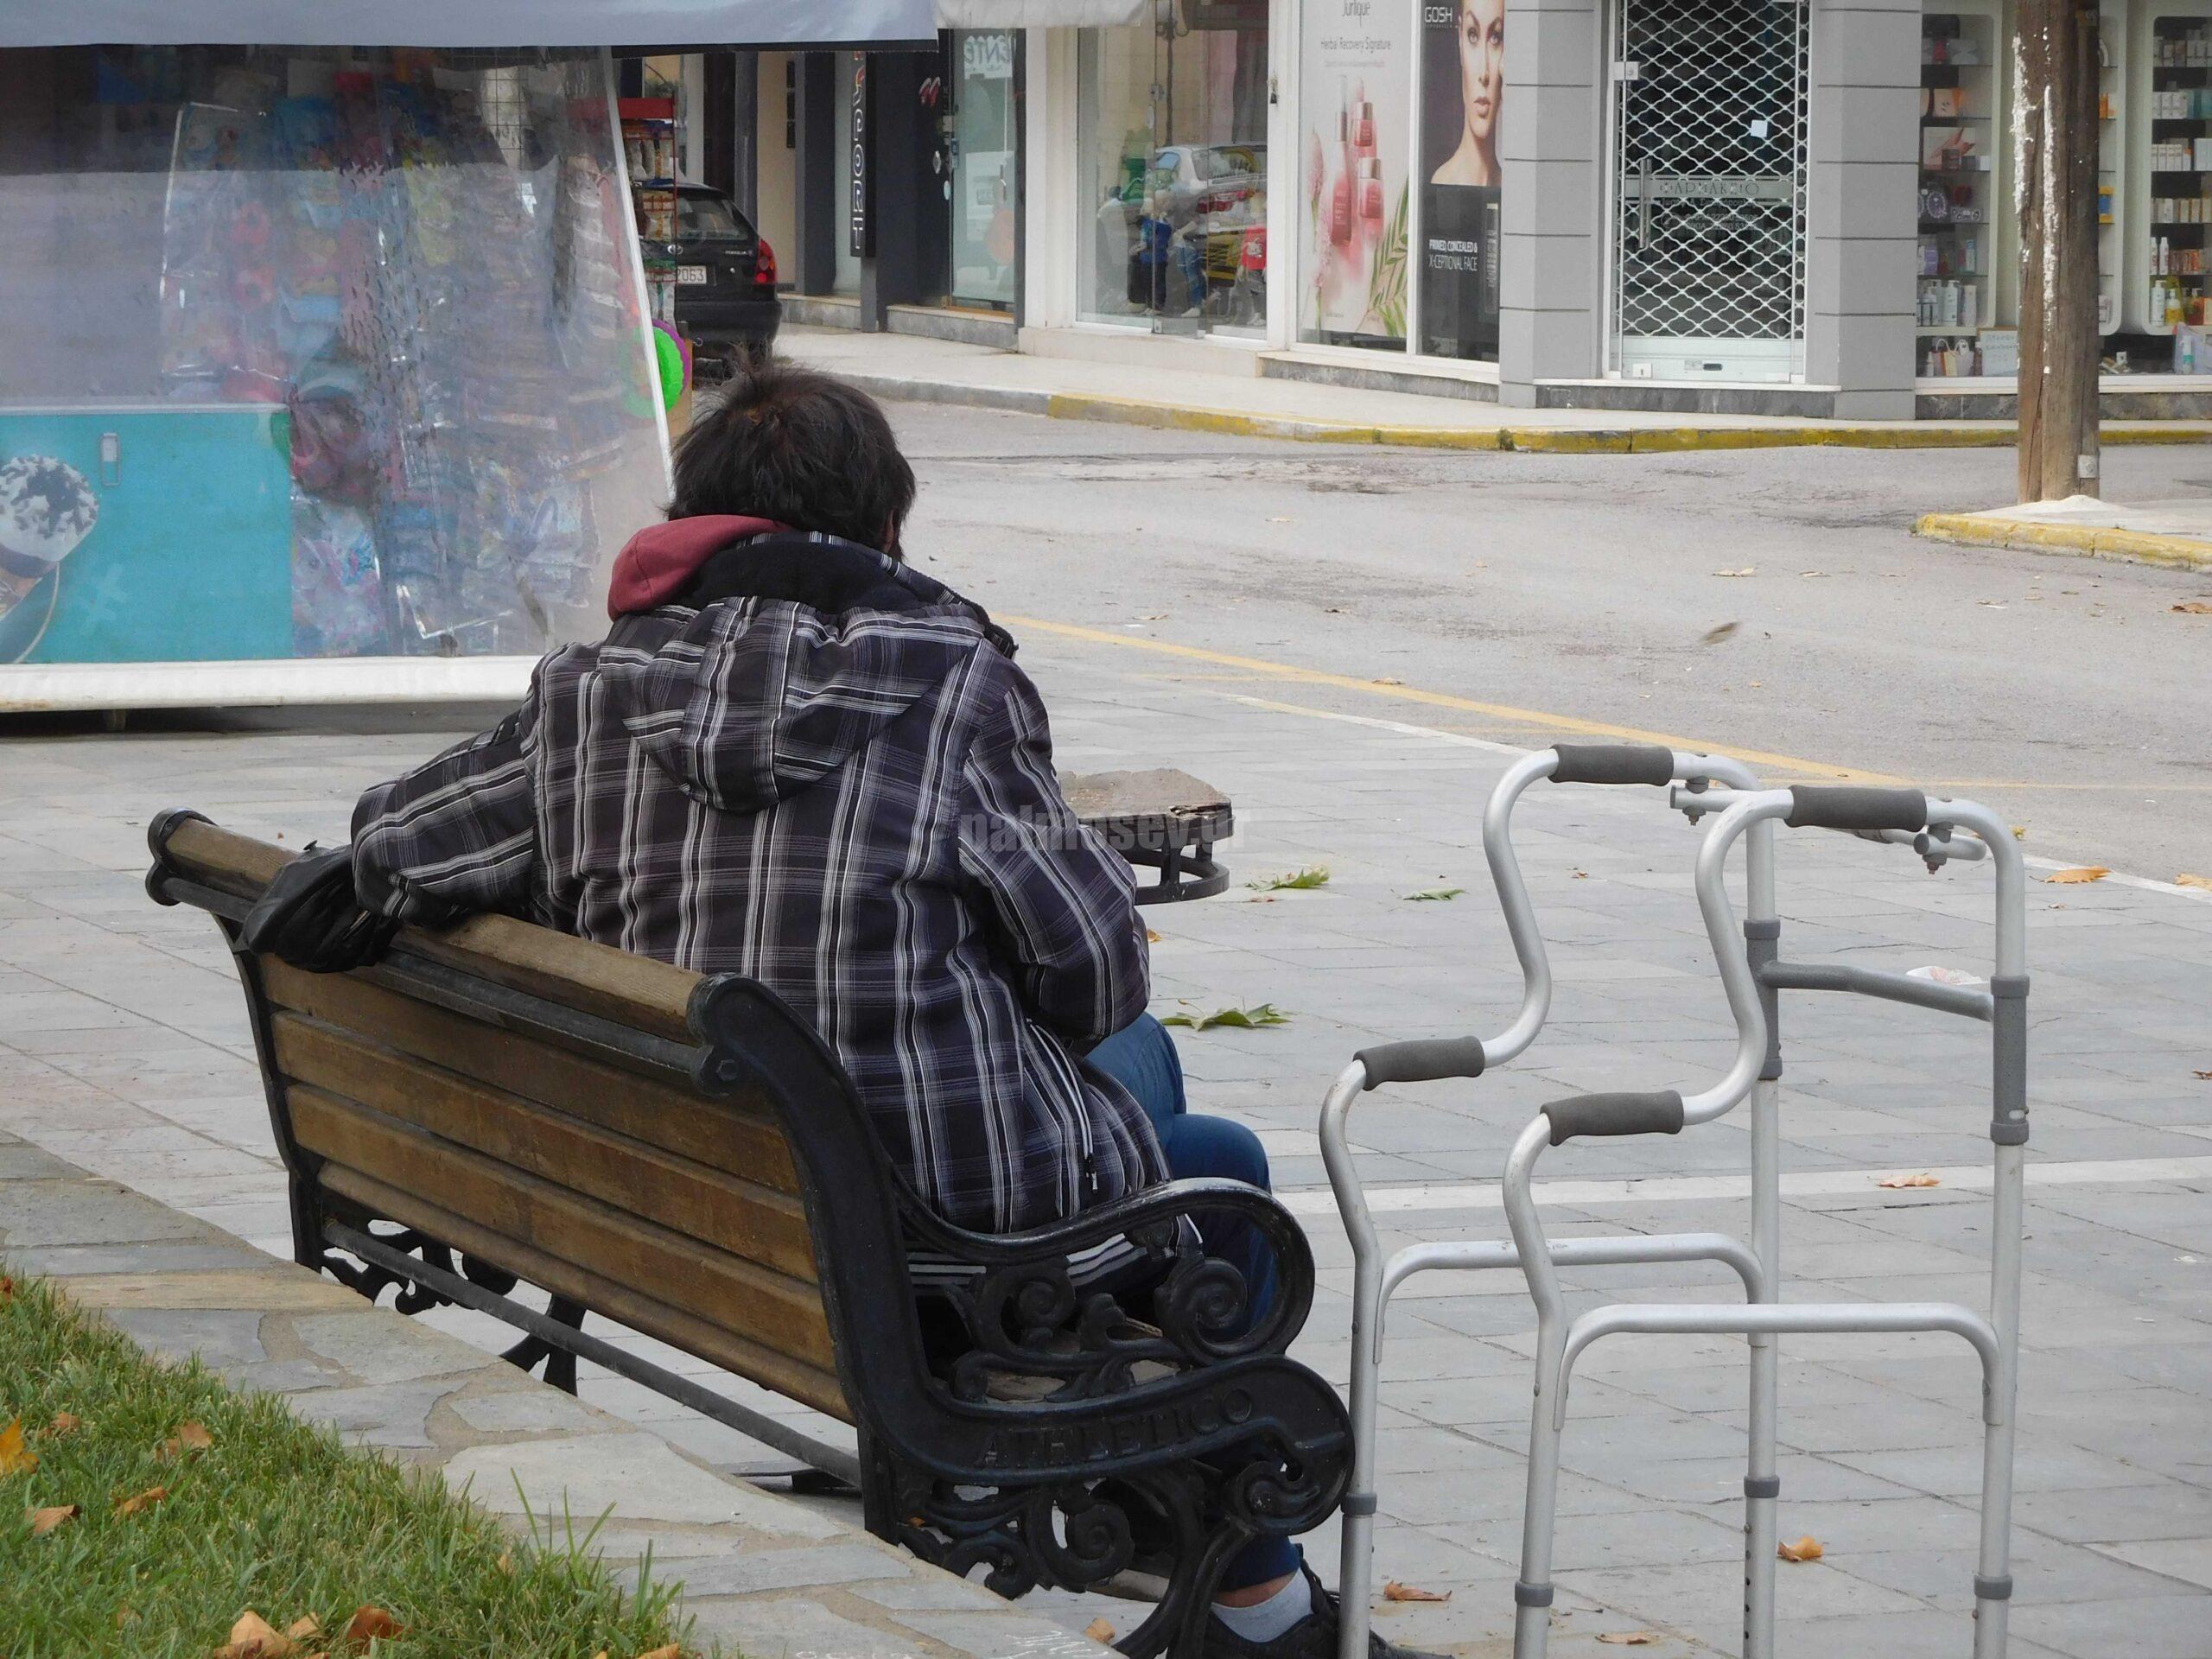 Αδέσποτεςψυχές στην πλατεία της Ιστιαίας